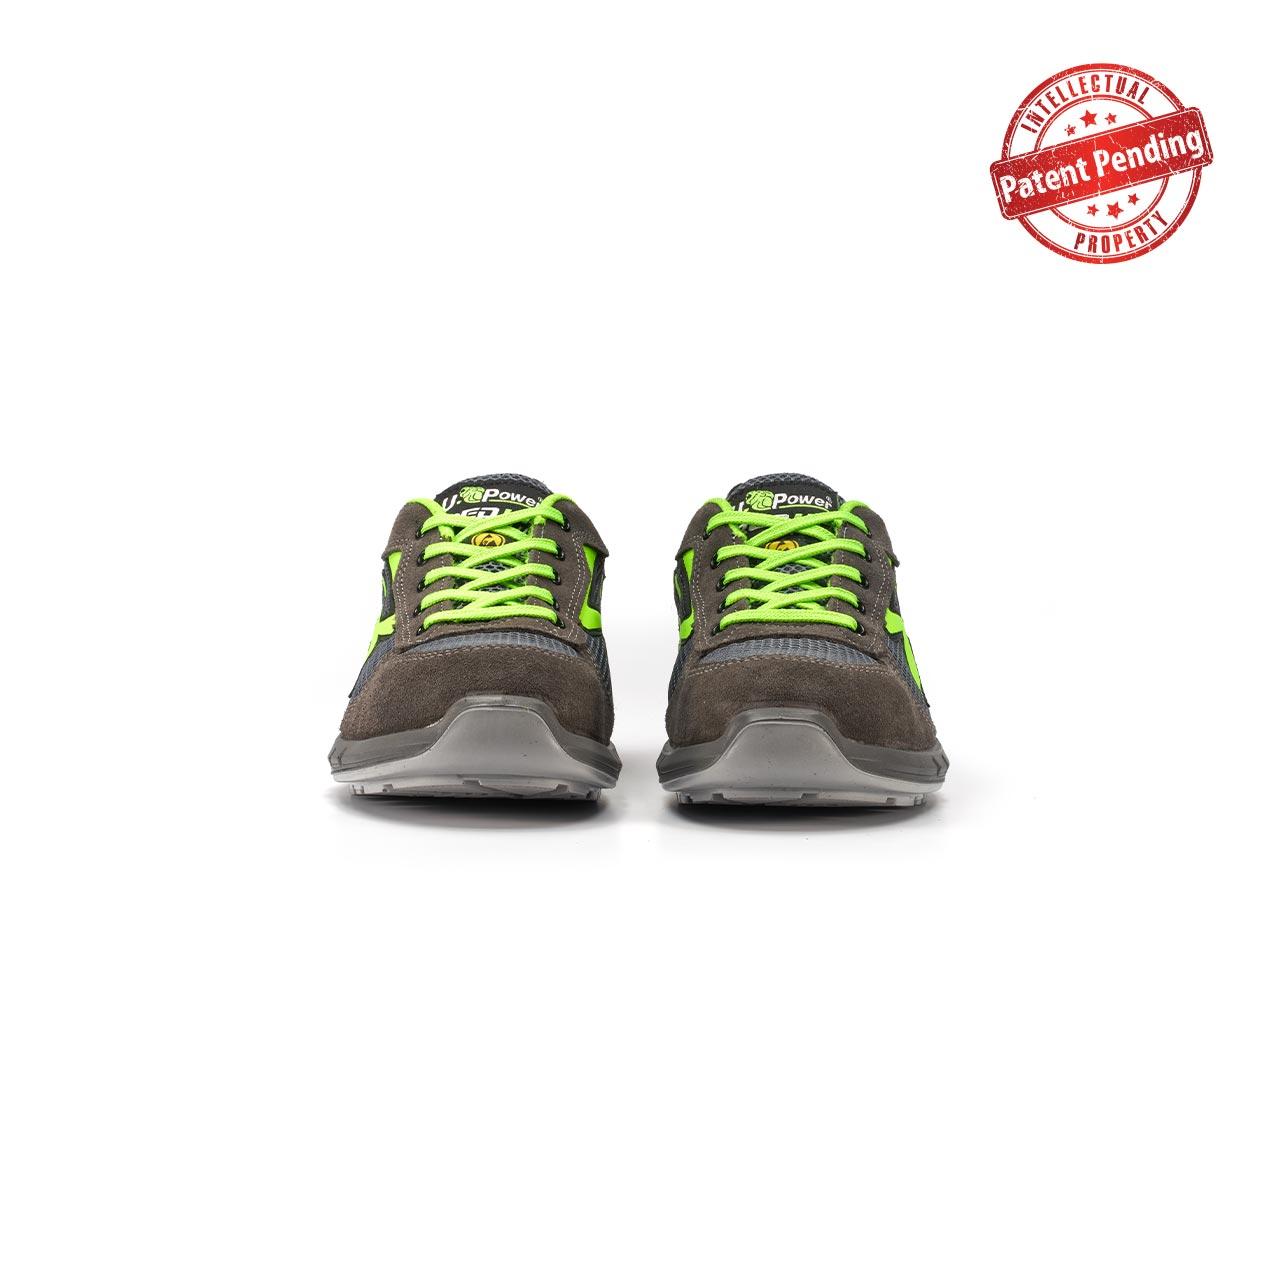 paio di scarpe antinfortunistiche upower modello gemini plus linea redup plus vista frontale